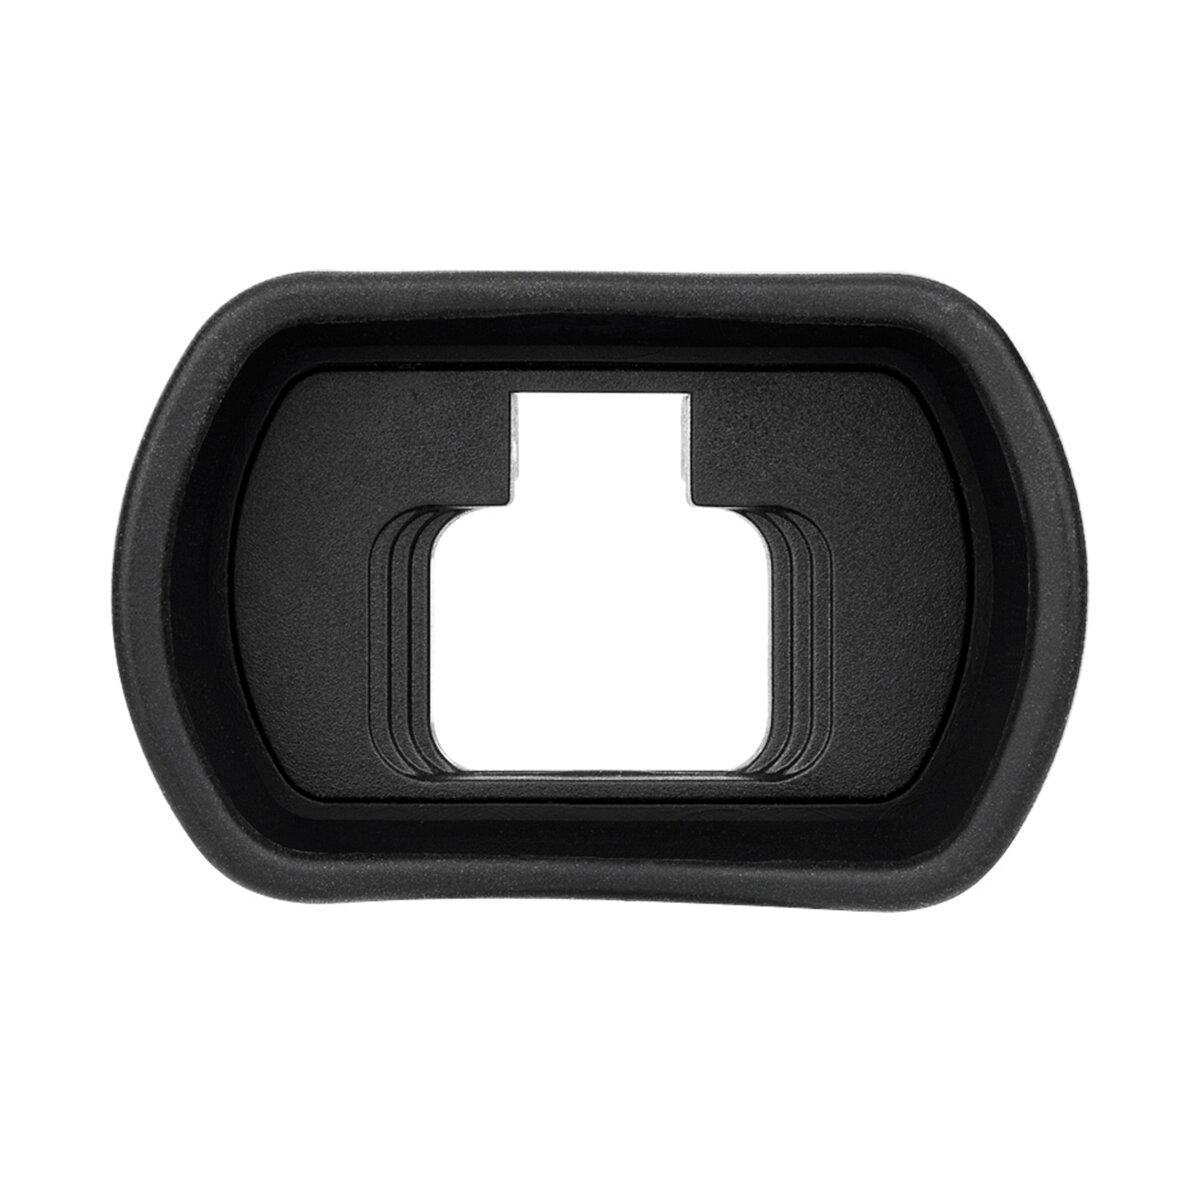 Kiwi Kamera Augenmuschel KE-NKZ | Geeignet für Nikon Z7, Z6 Kameras | Ersatz für Nikon DK-29